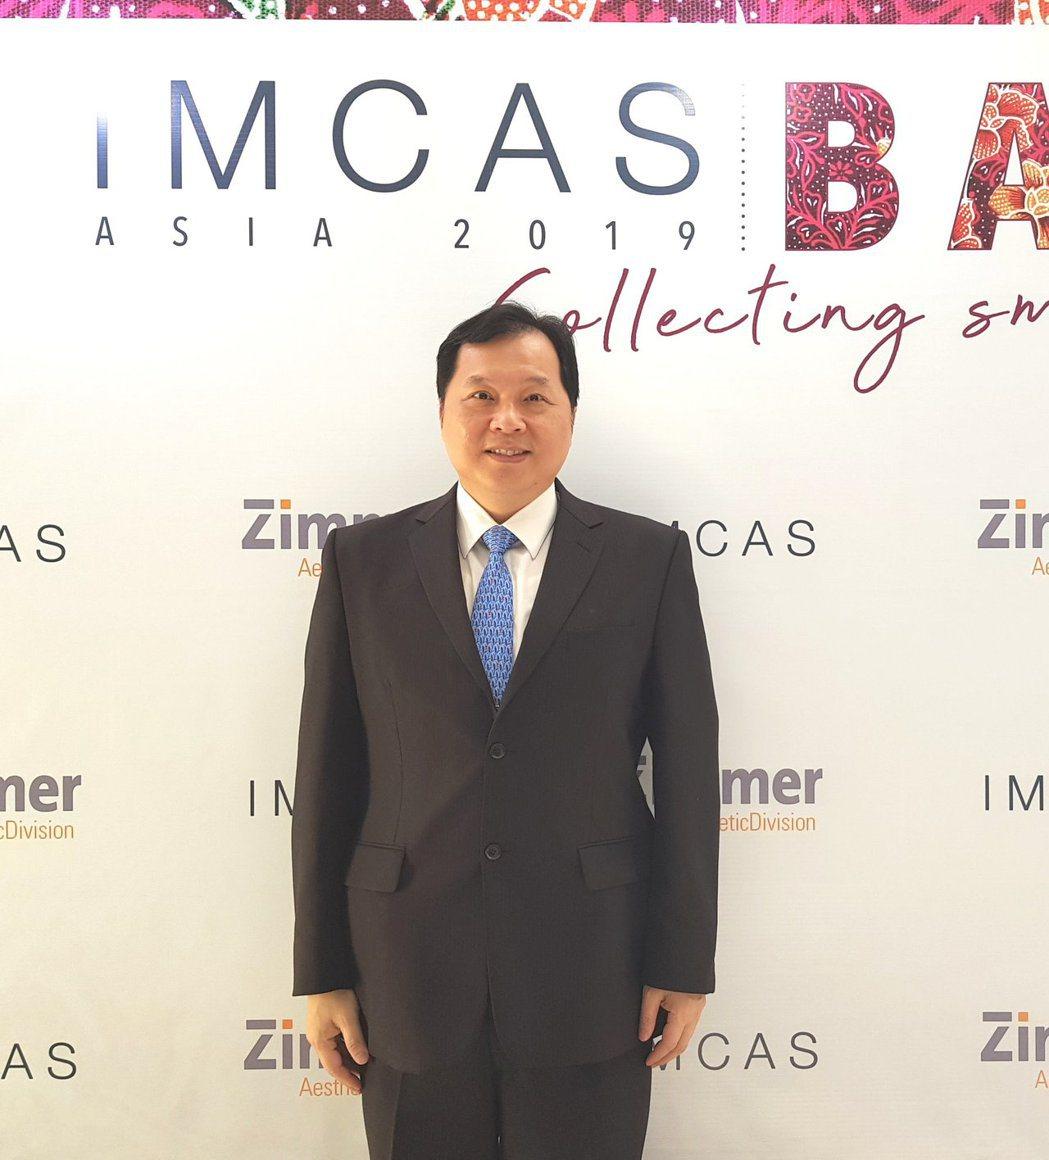 王正坤醫師日前受邀參加世界美容醫學大會IMCAS. 王正坤醫師/提供